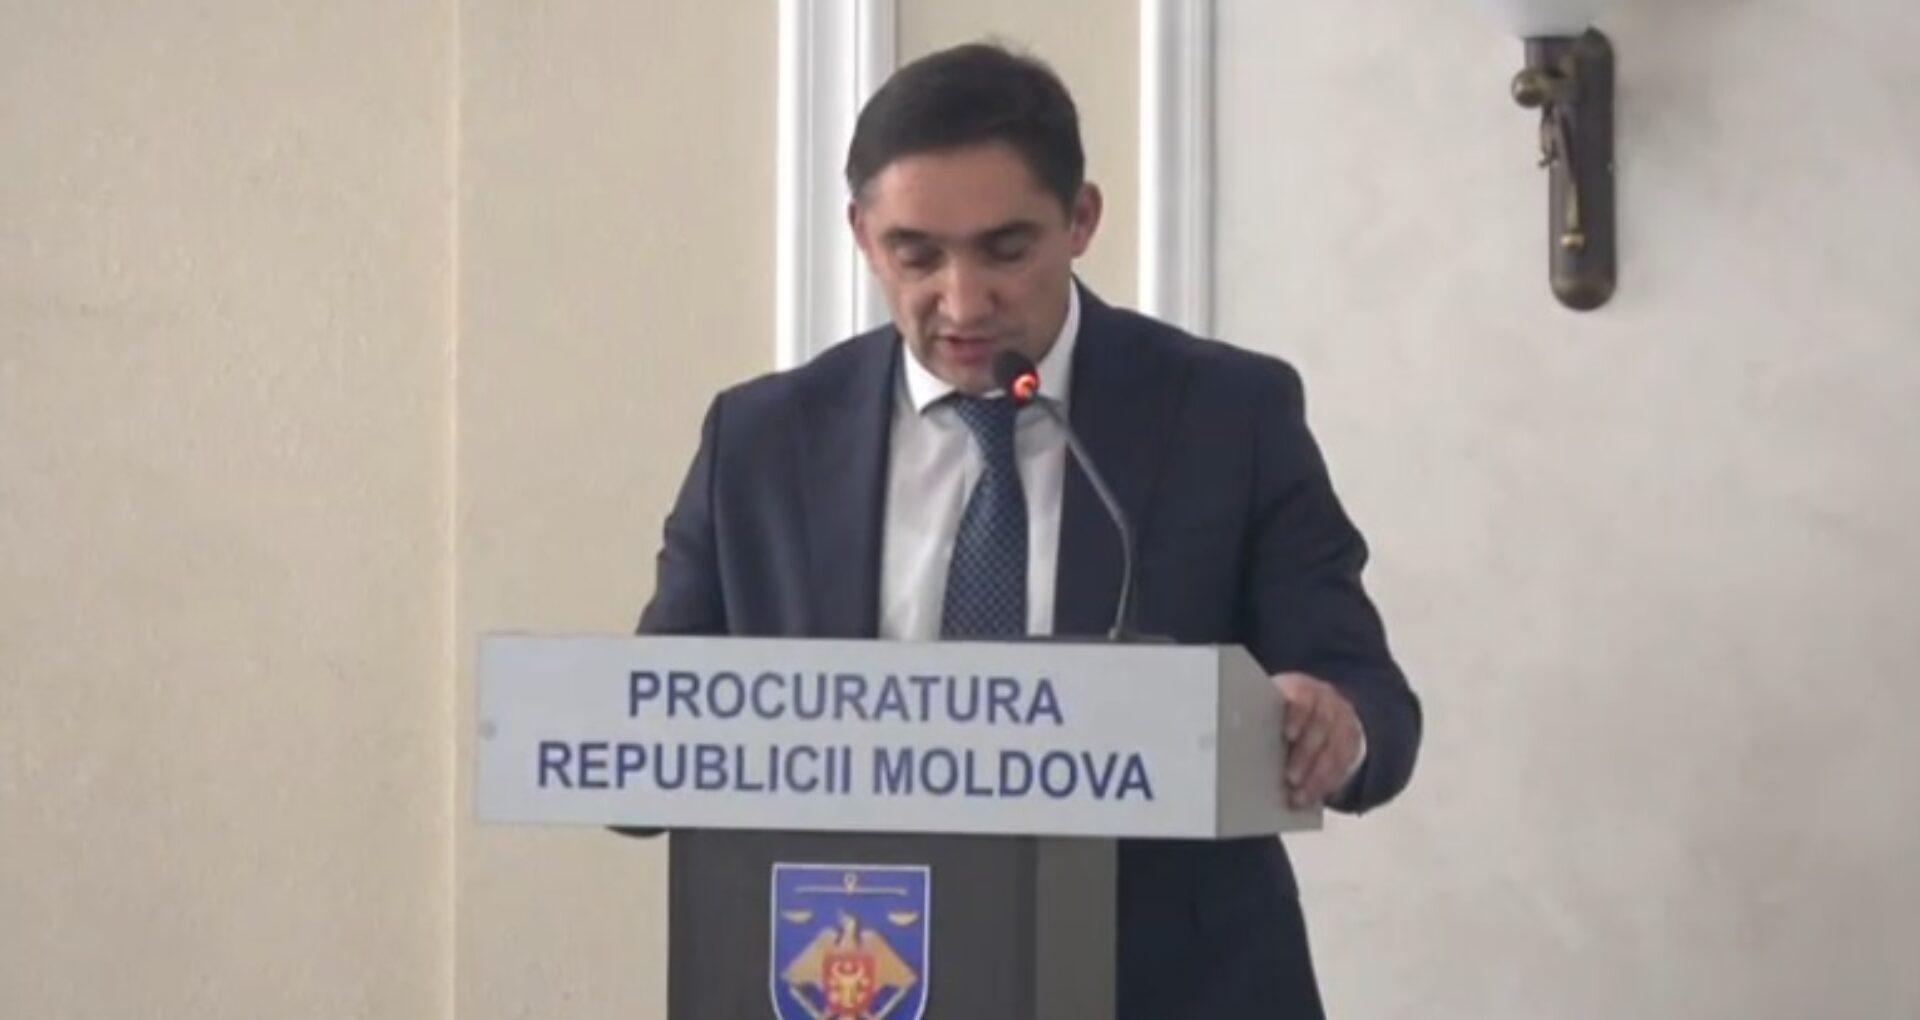 Stoianoglo, despre cum Procuratura a distrus business-ul și a urmărit ilegal cetățeni. Discursul rostit în fața procurorilor